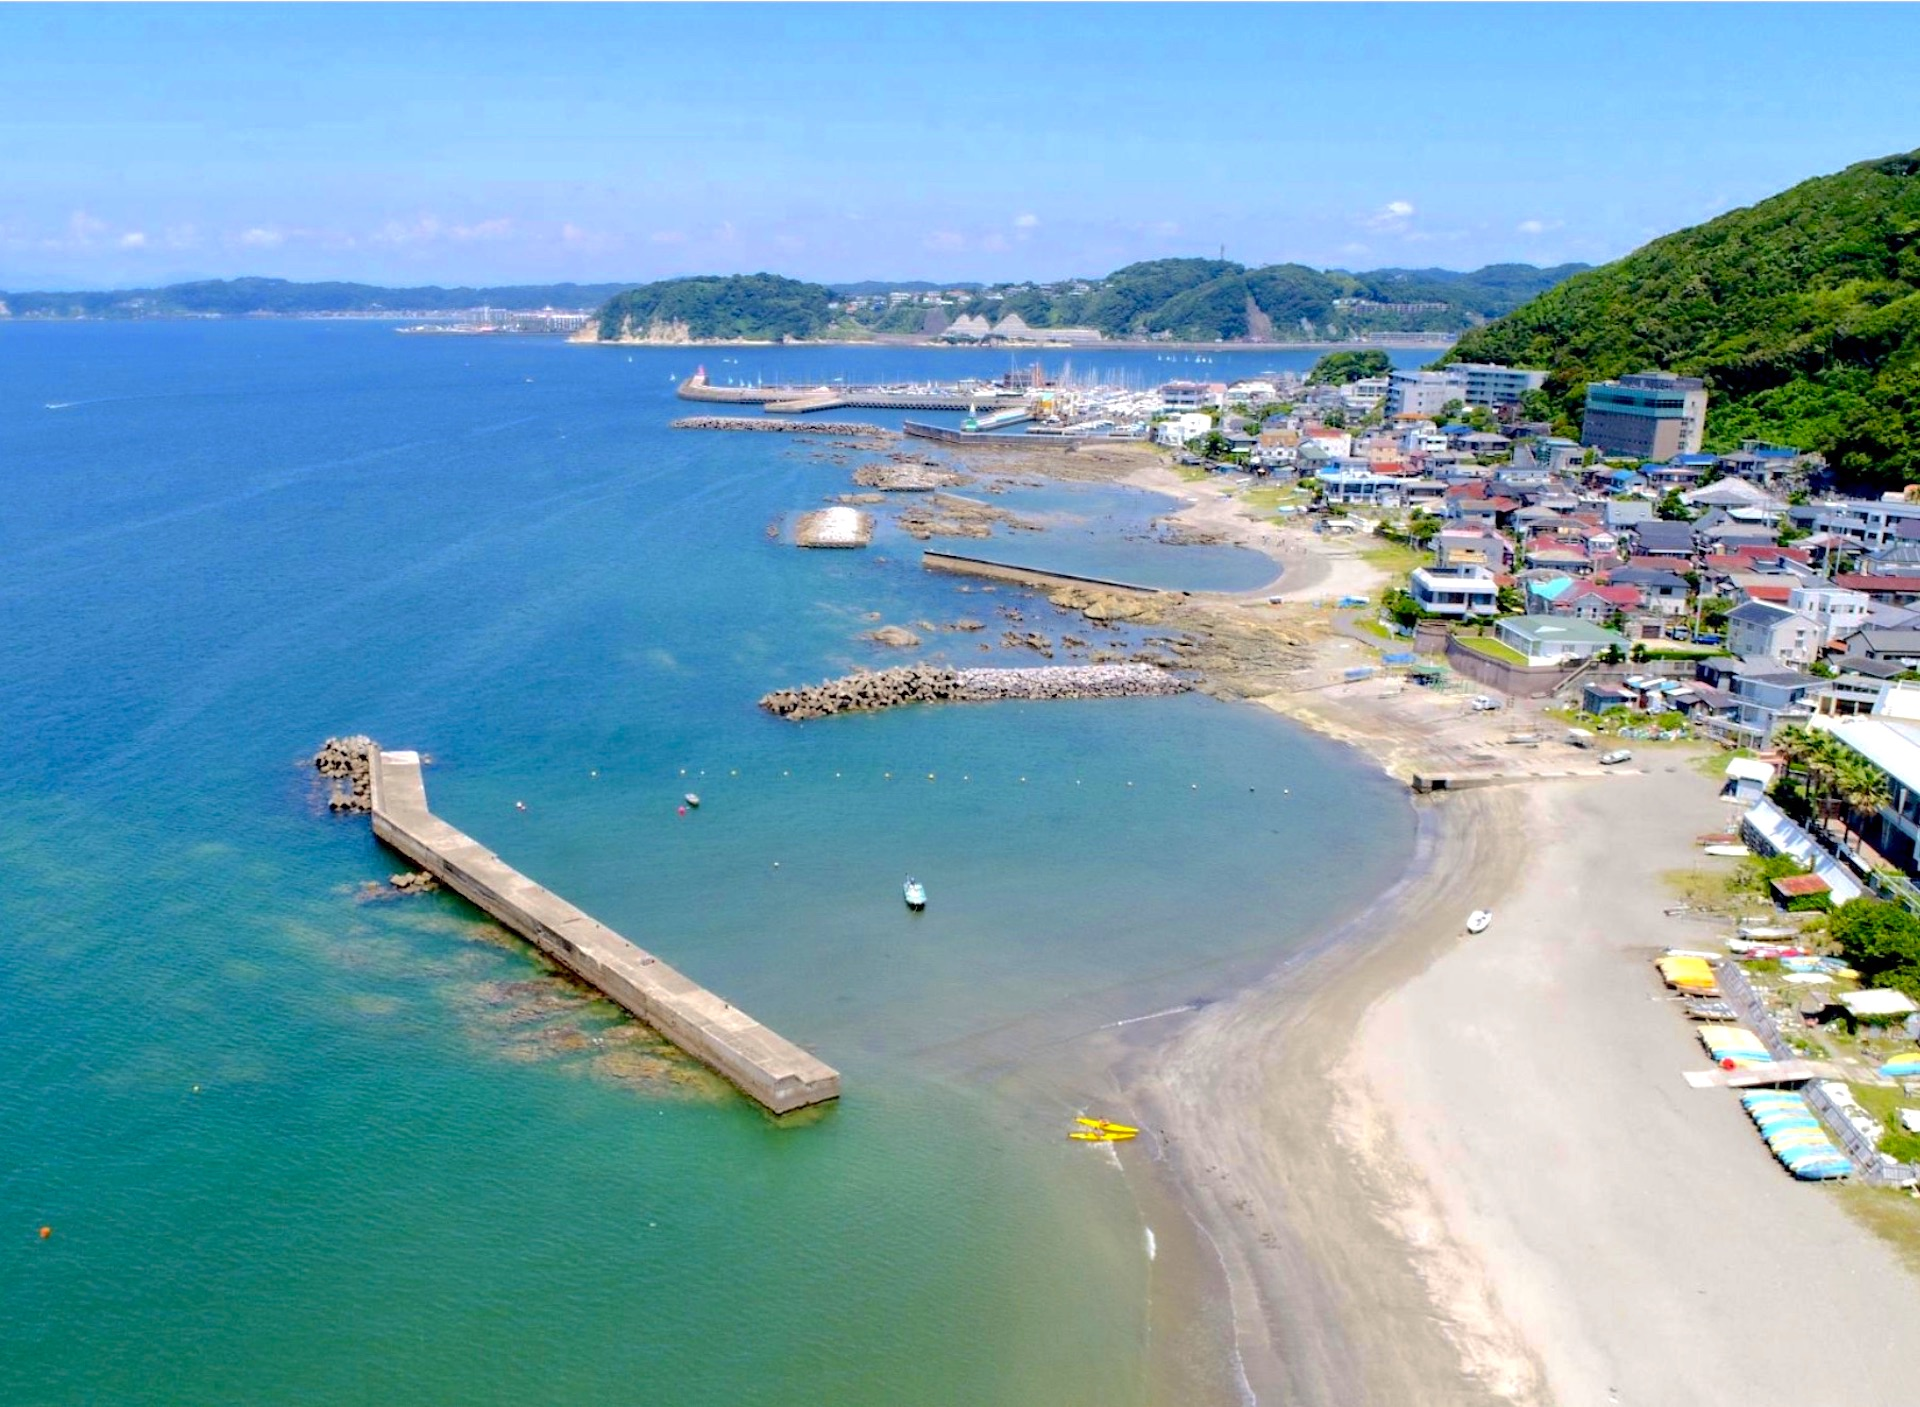 森戸海岸(森戸海水浴場)